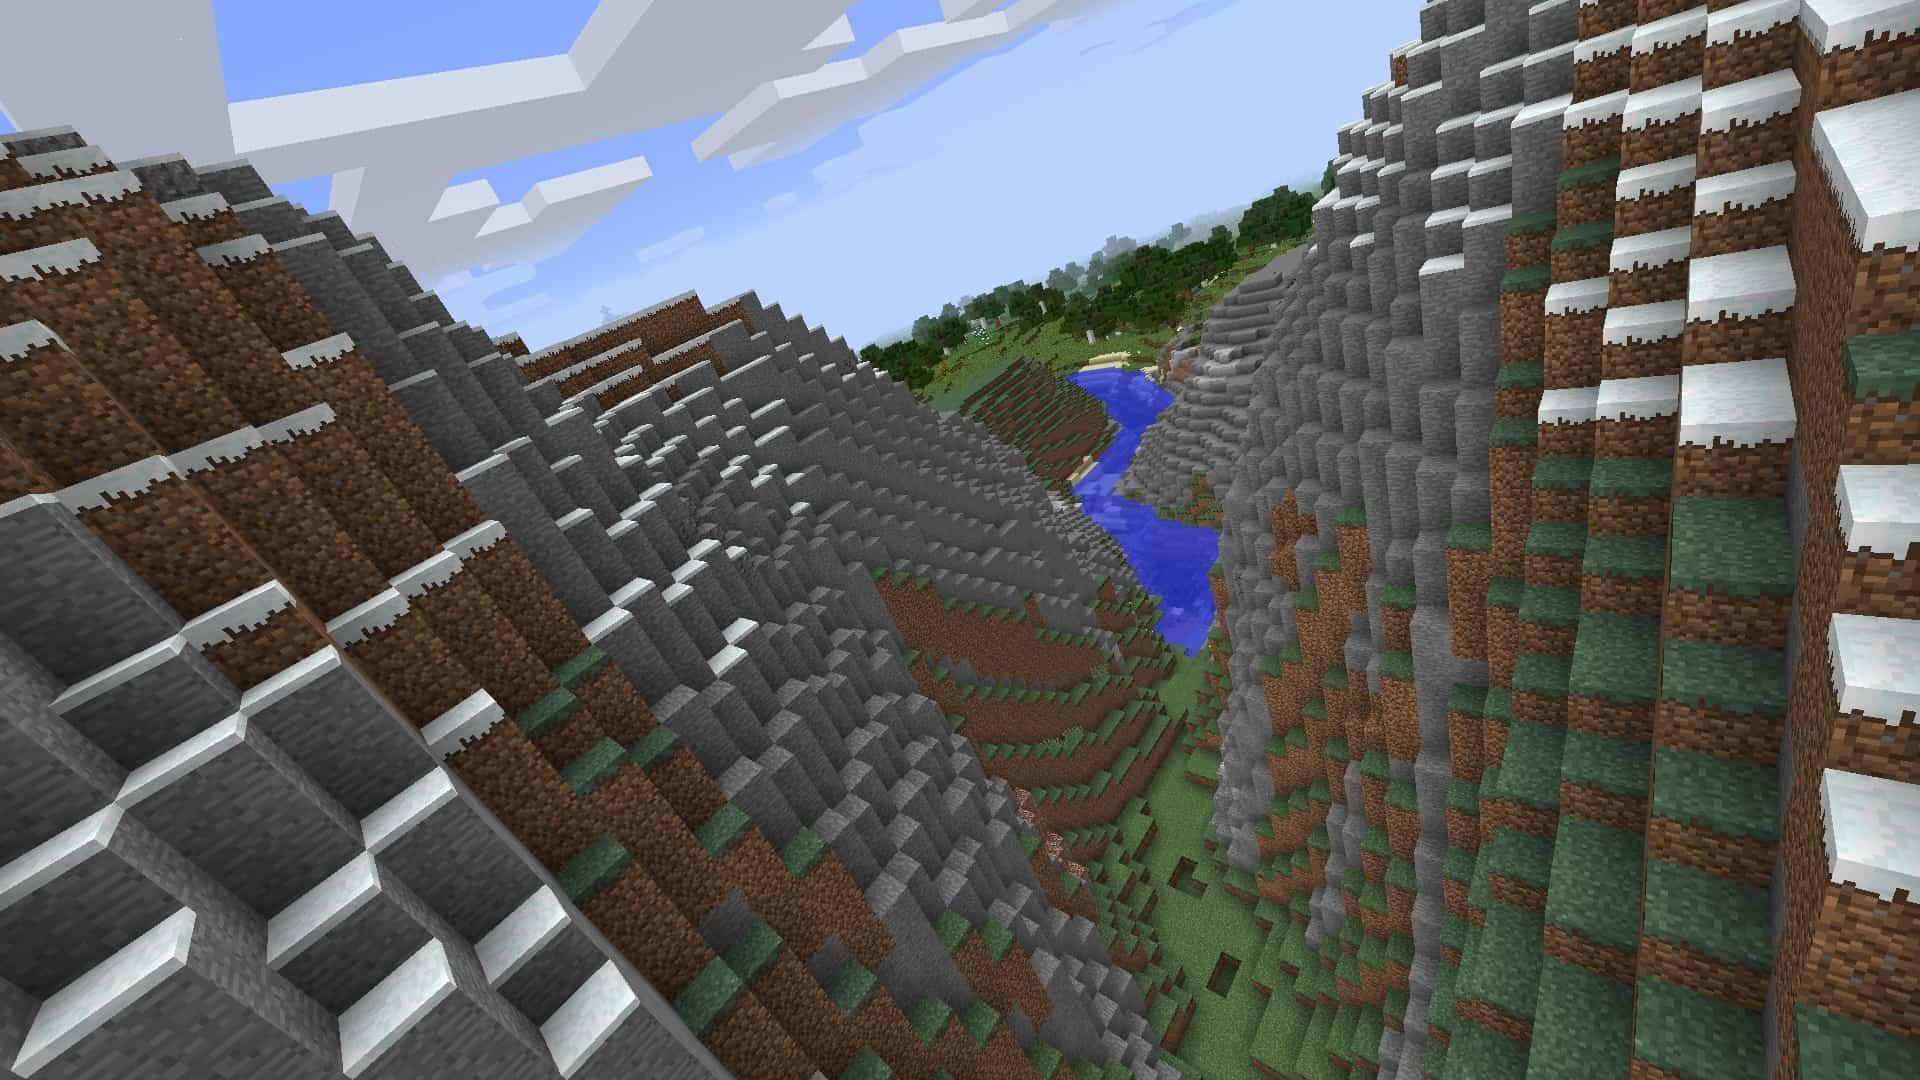 axe penché sur la droite avec le mod Minecraft BauerCam